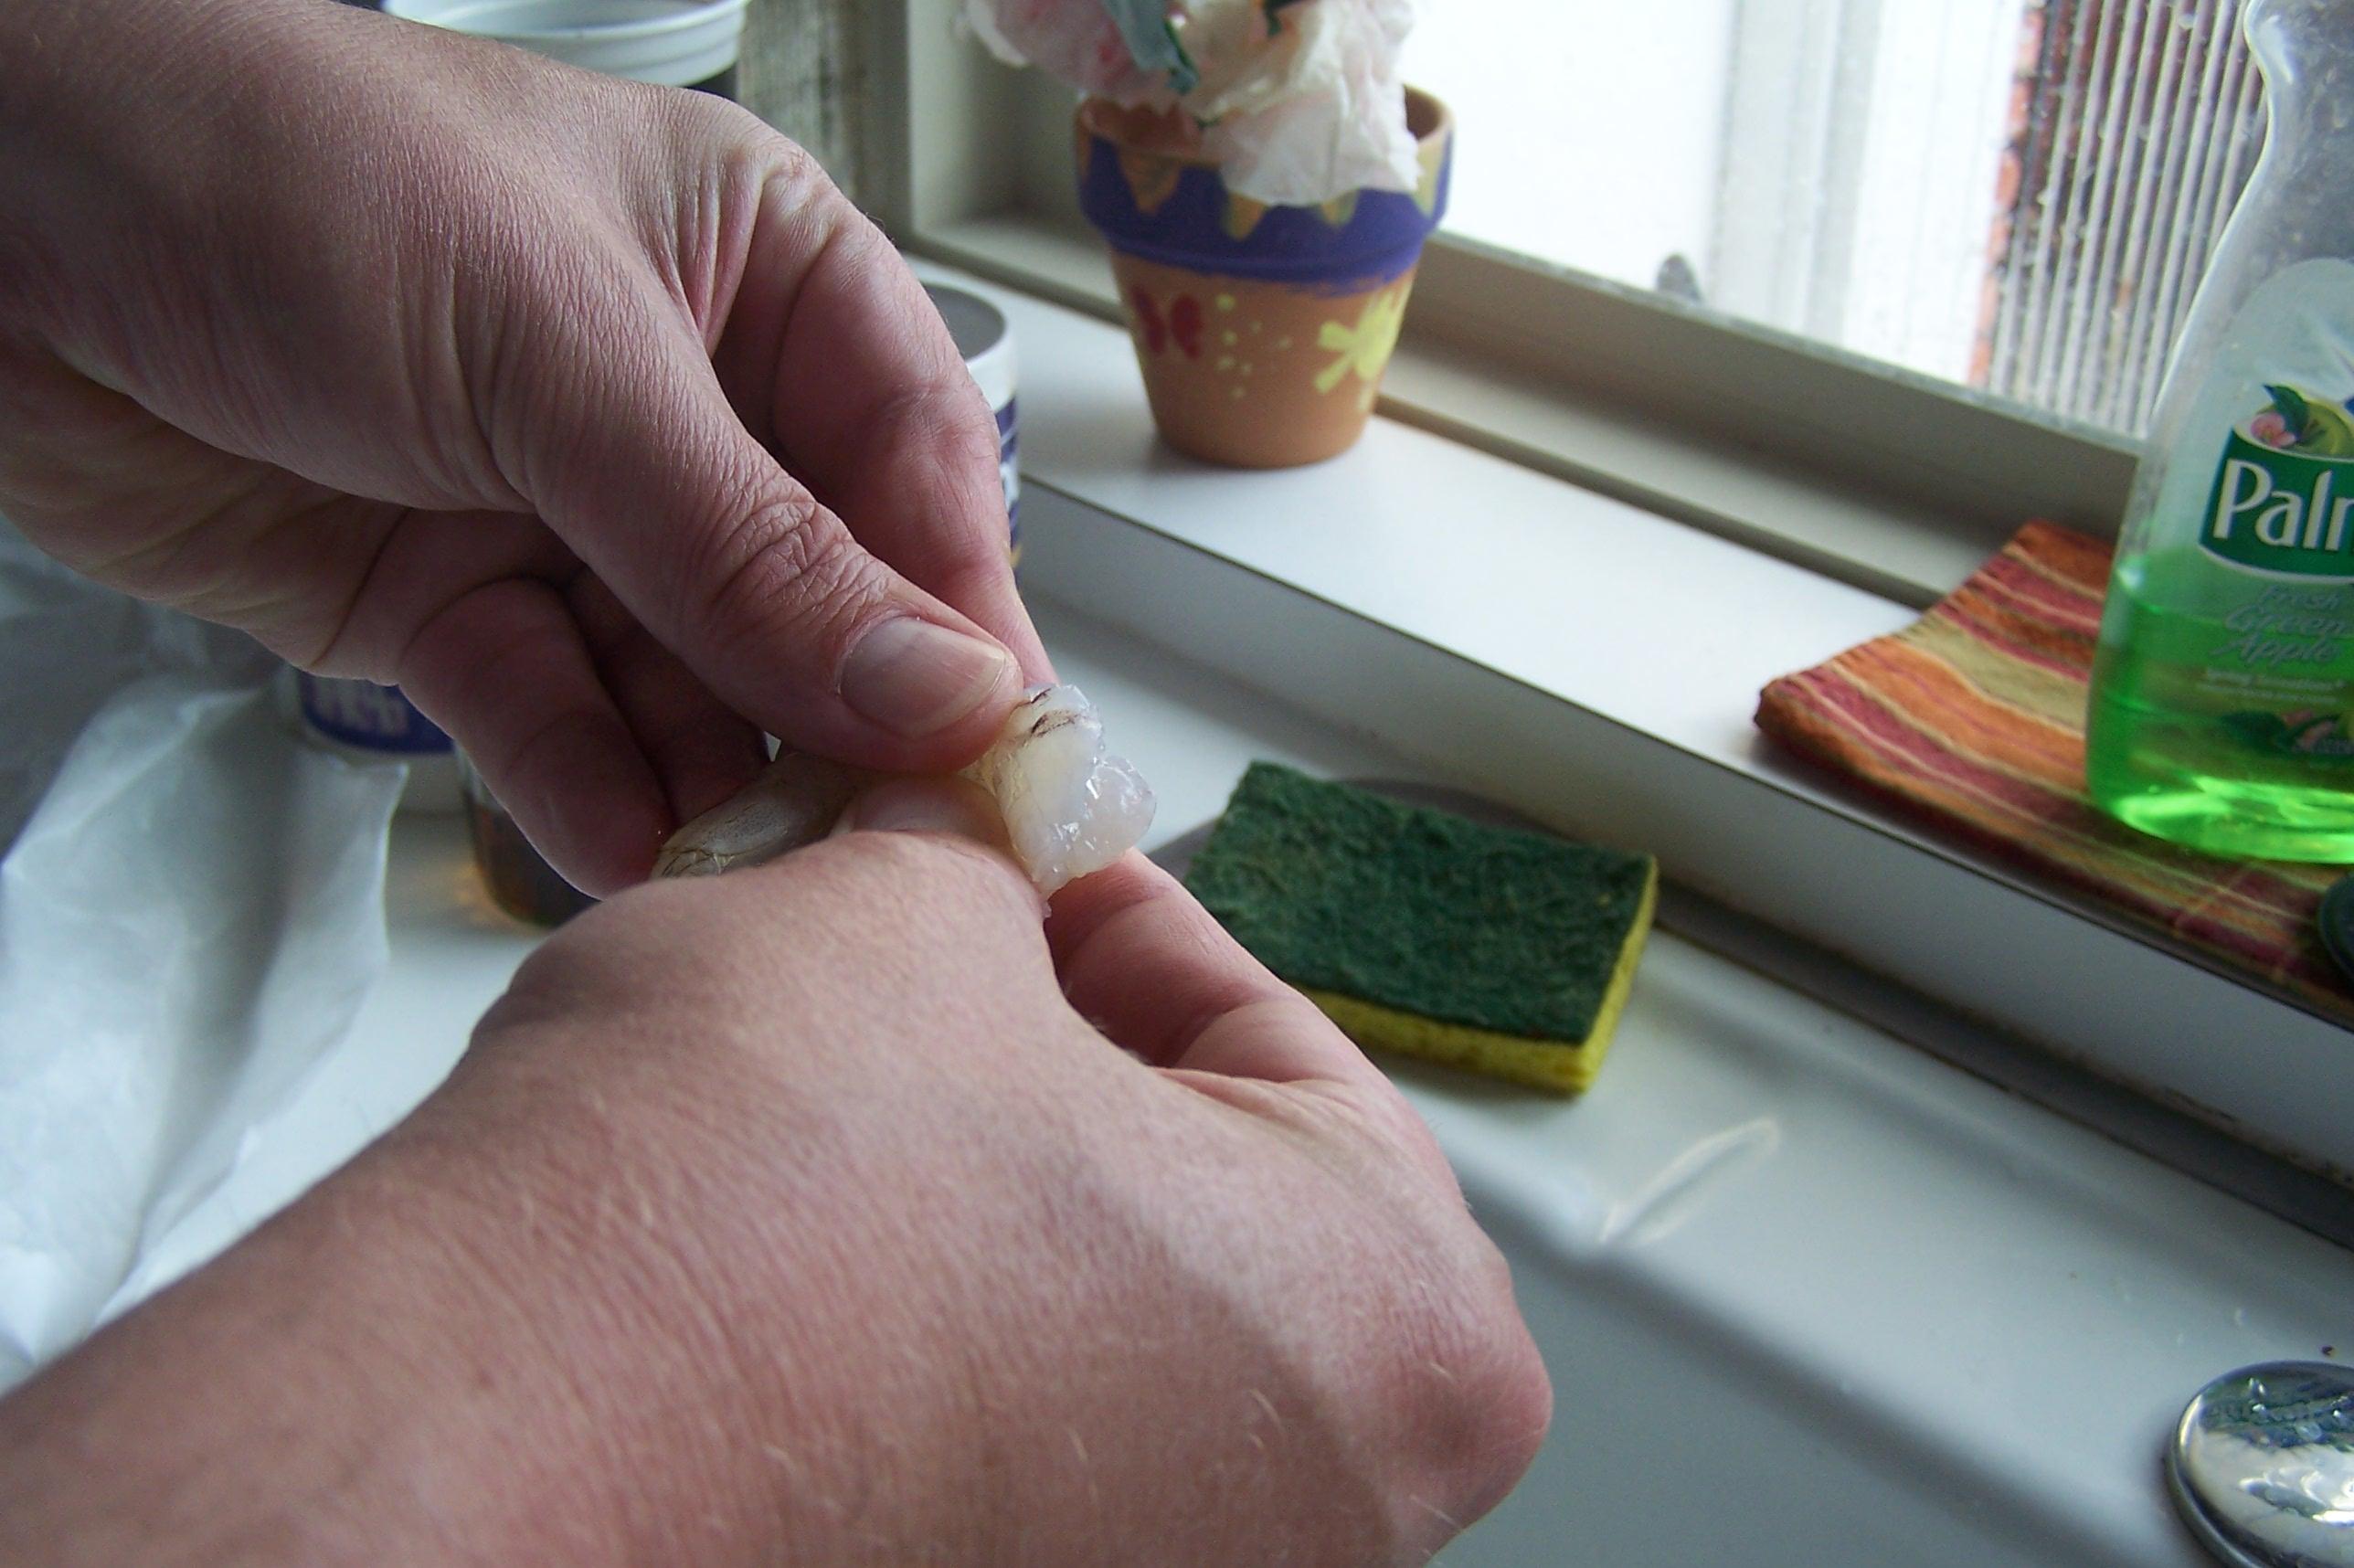 Peeling Shrimp, Food, Hand, Peeling, Prep, HQ Photo